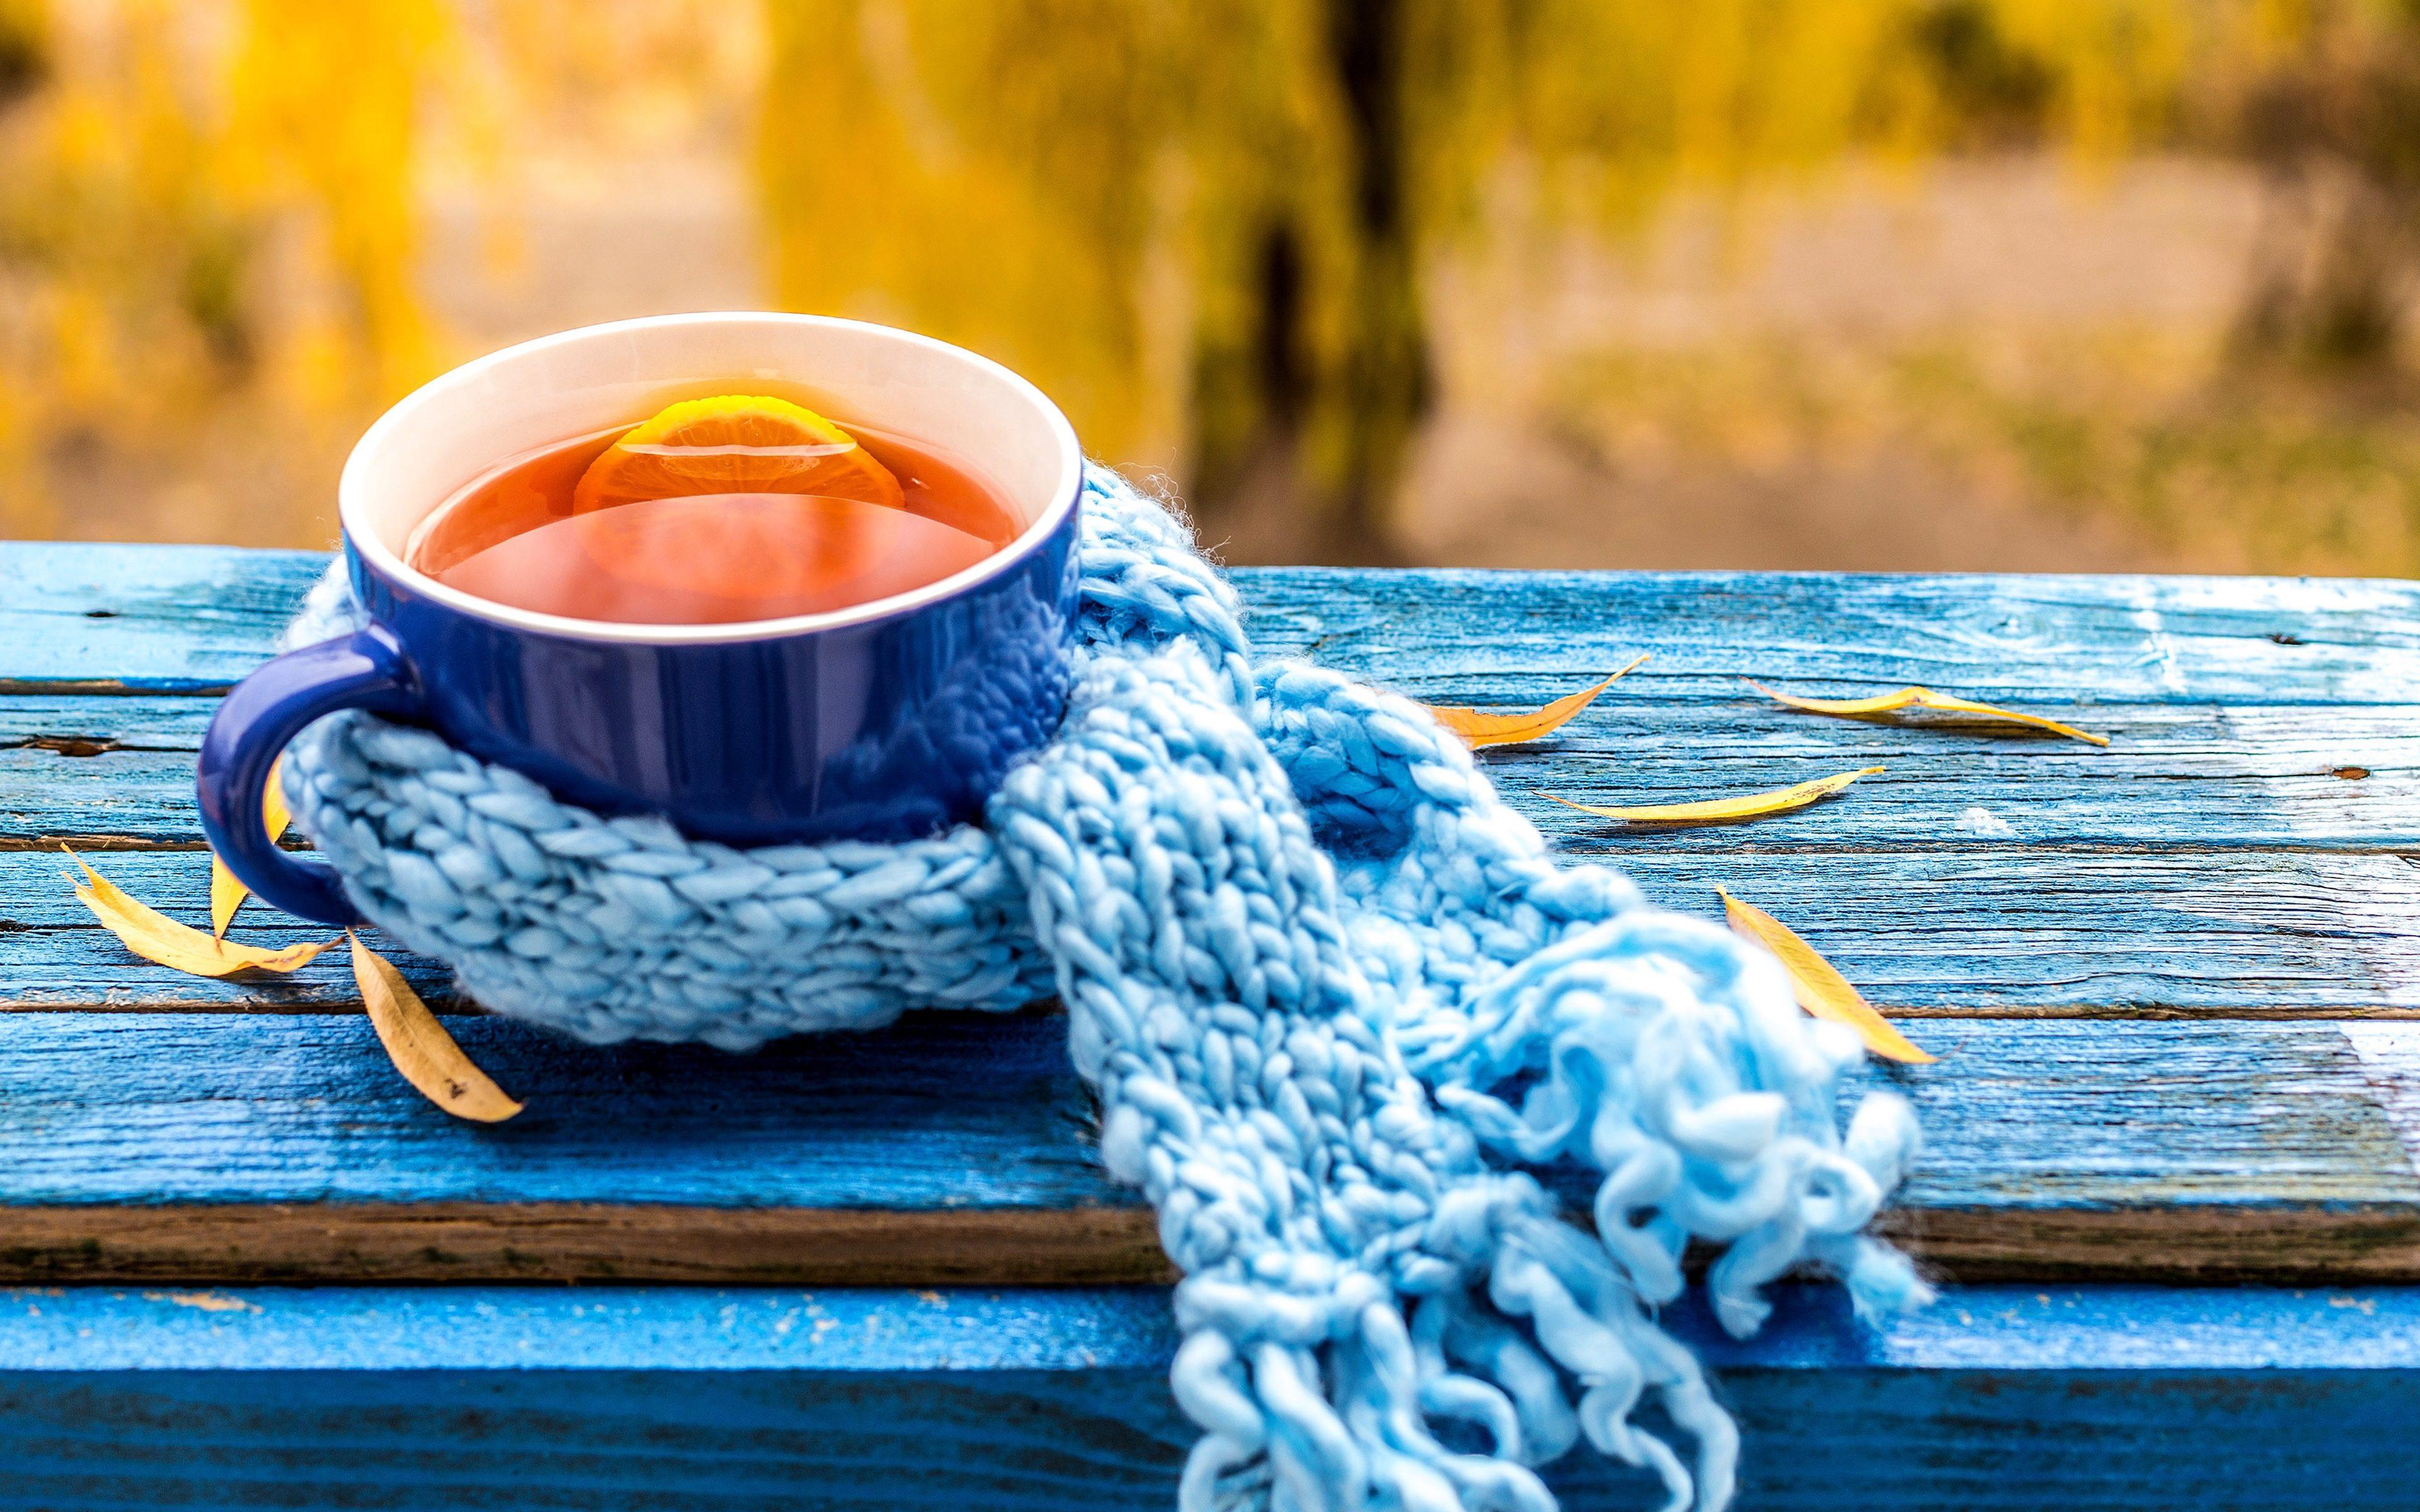 Lemon Tea Mug Blue Leaves 4k Wallpaper Best Wallpapers